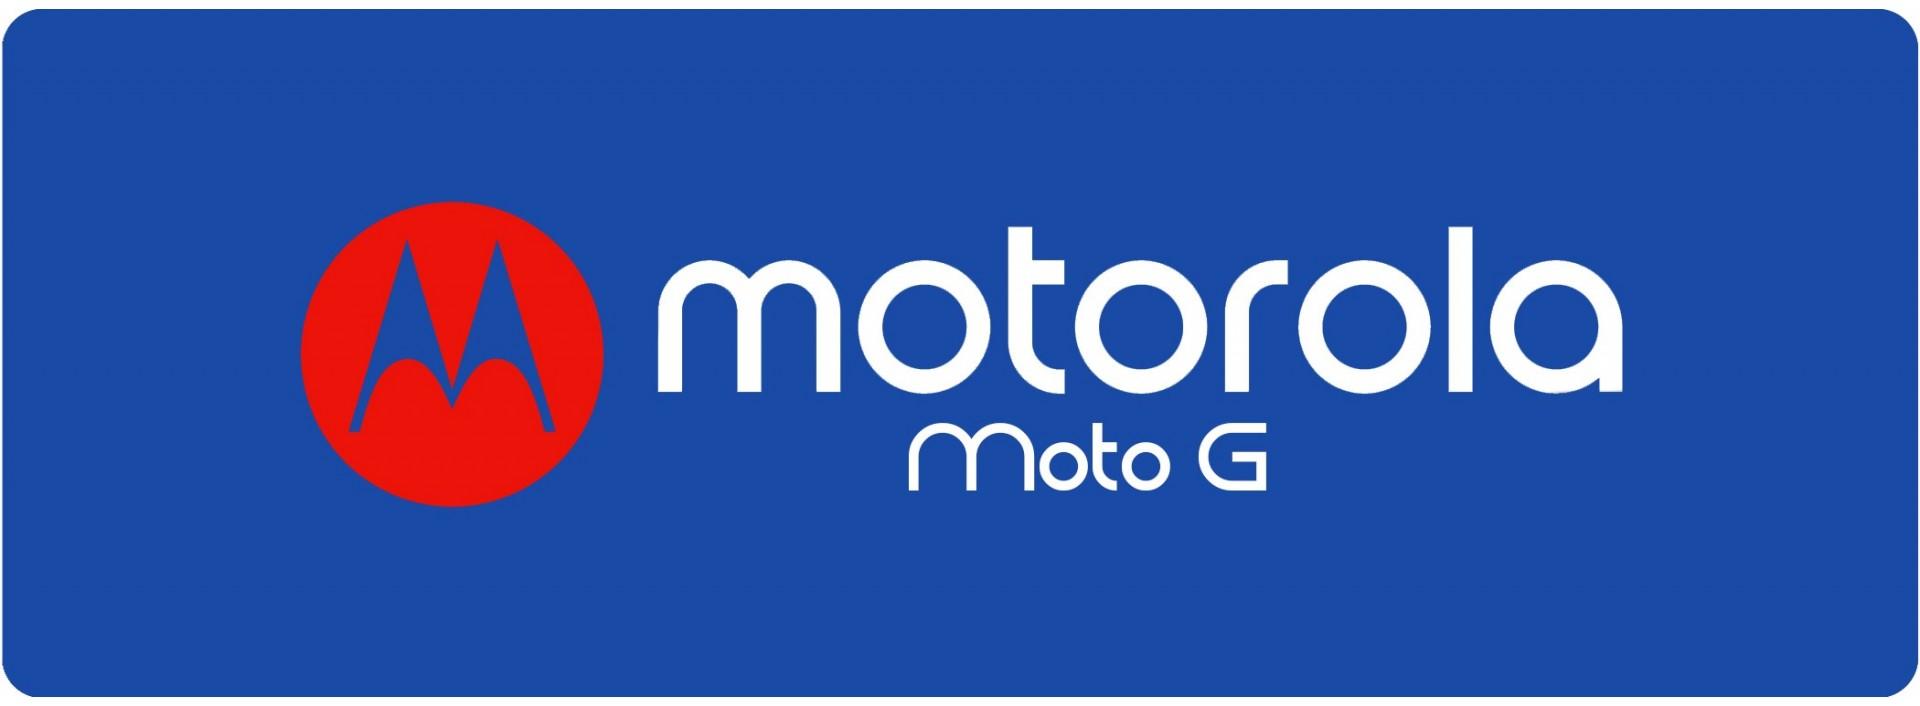 Fundas para Motorola Familia Moto G